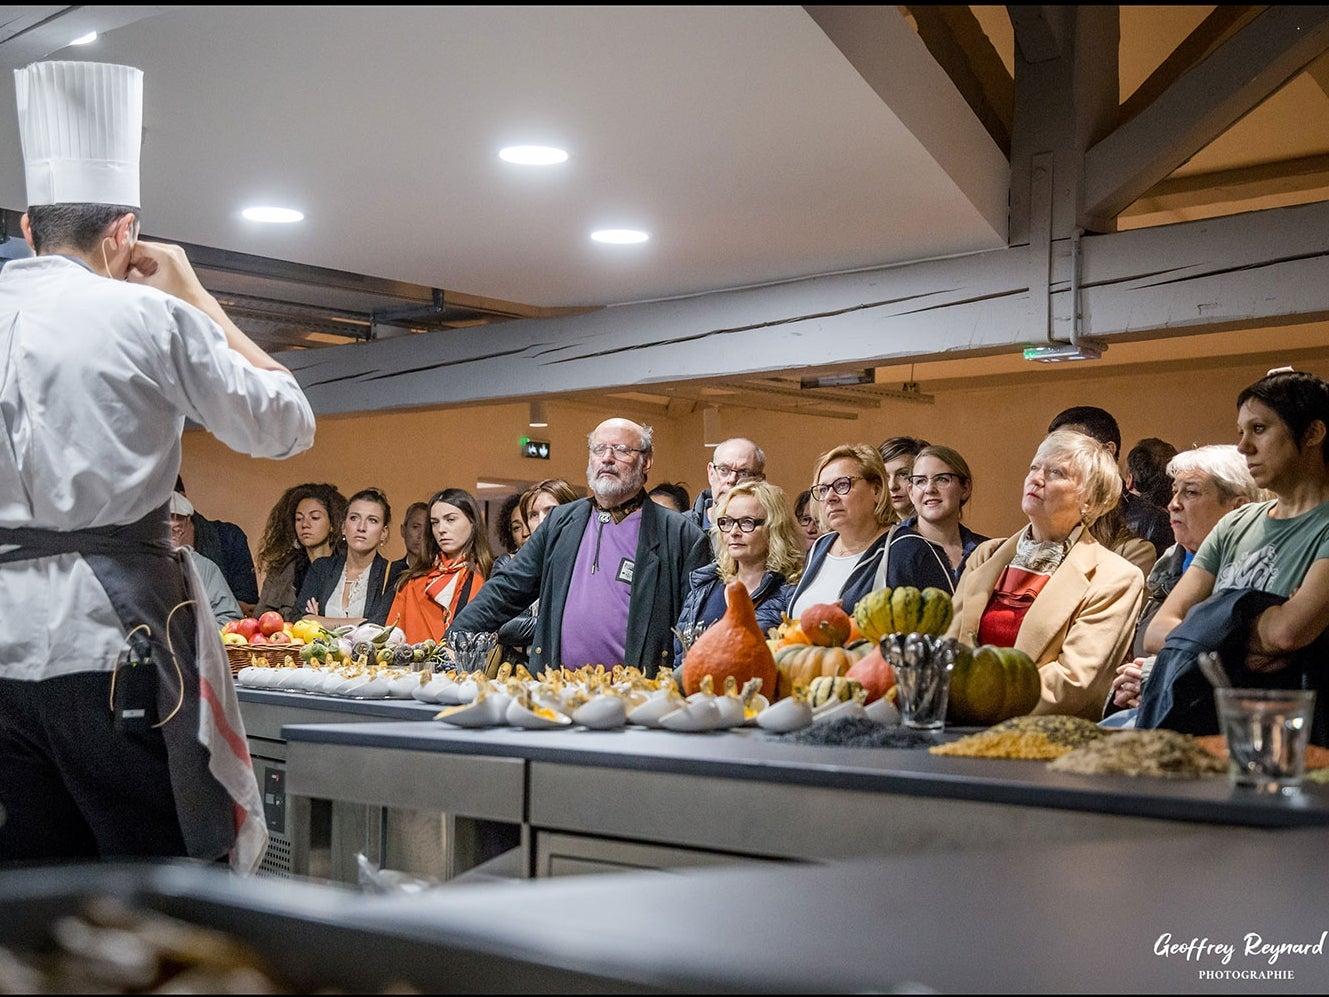 Chef gives presentation at the Cité Internationale de la Gastonomie in Lyon this fall.